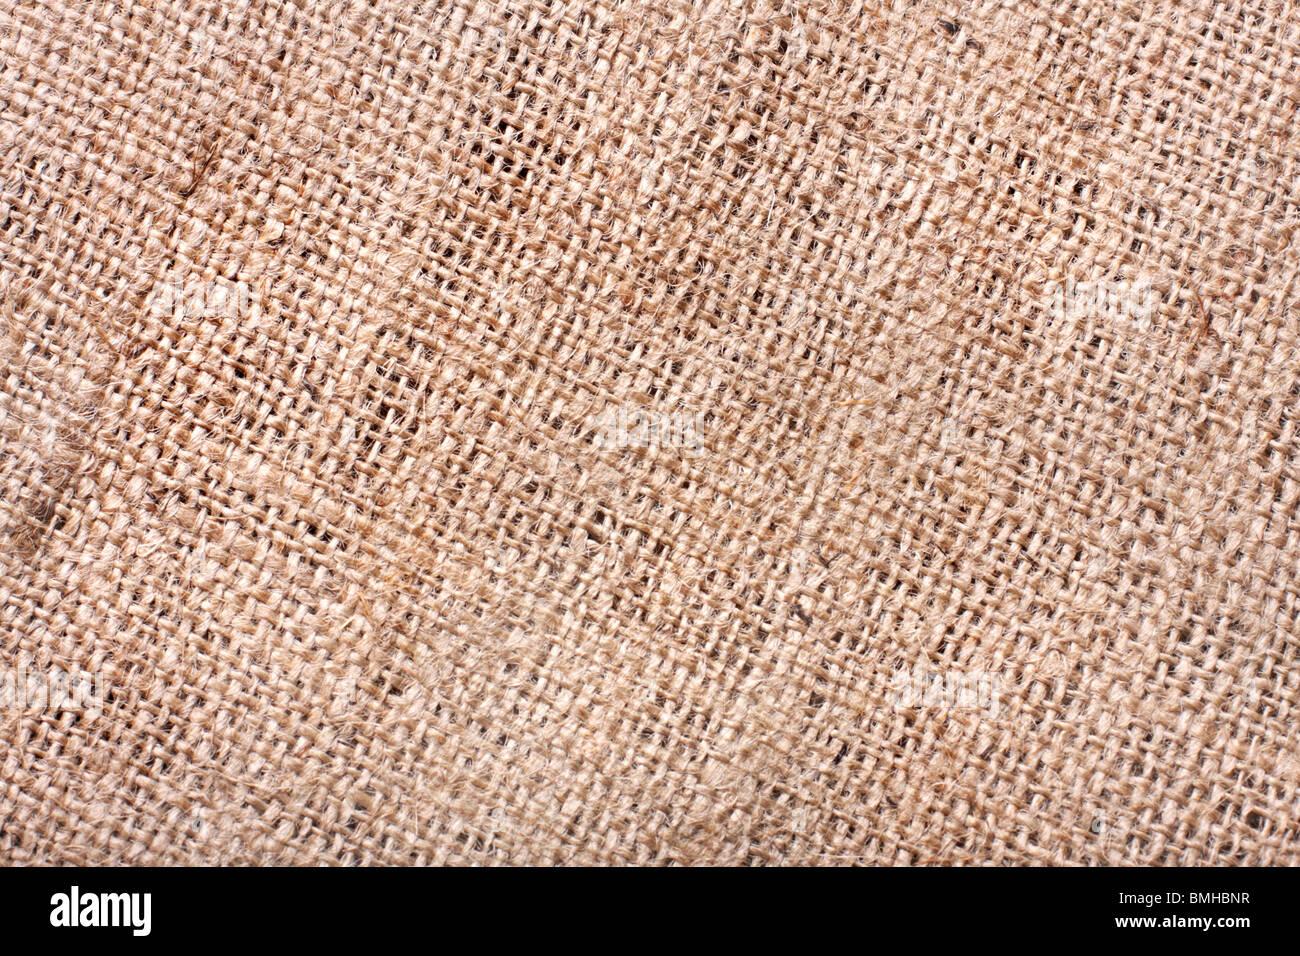 Nahaufnahme von Sackleinen Textur Stockbild